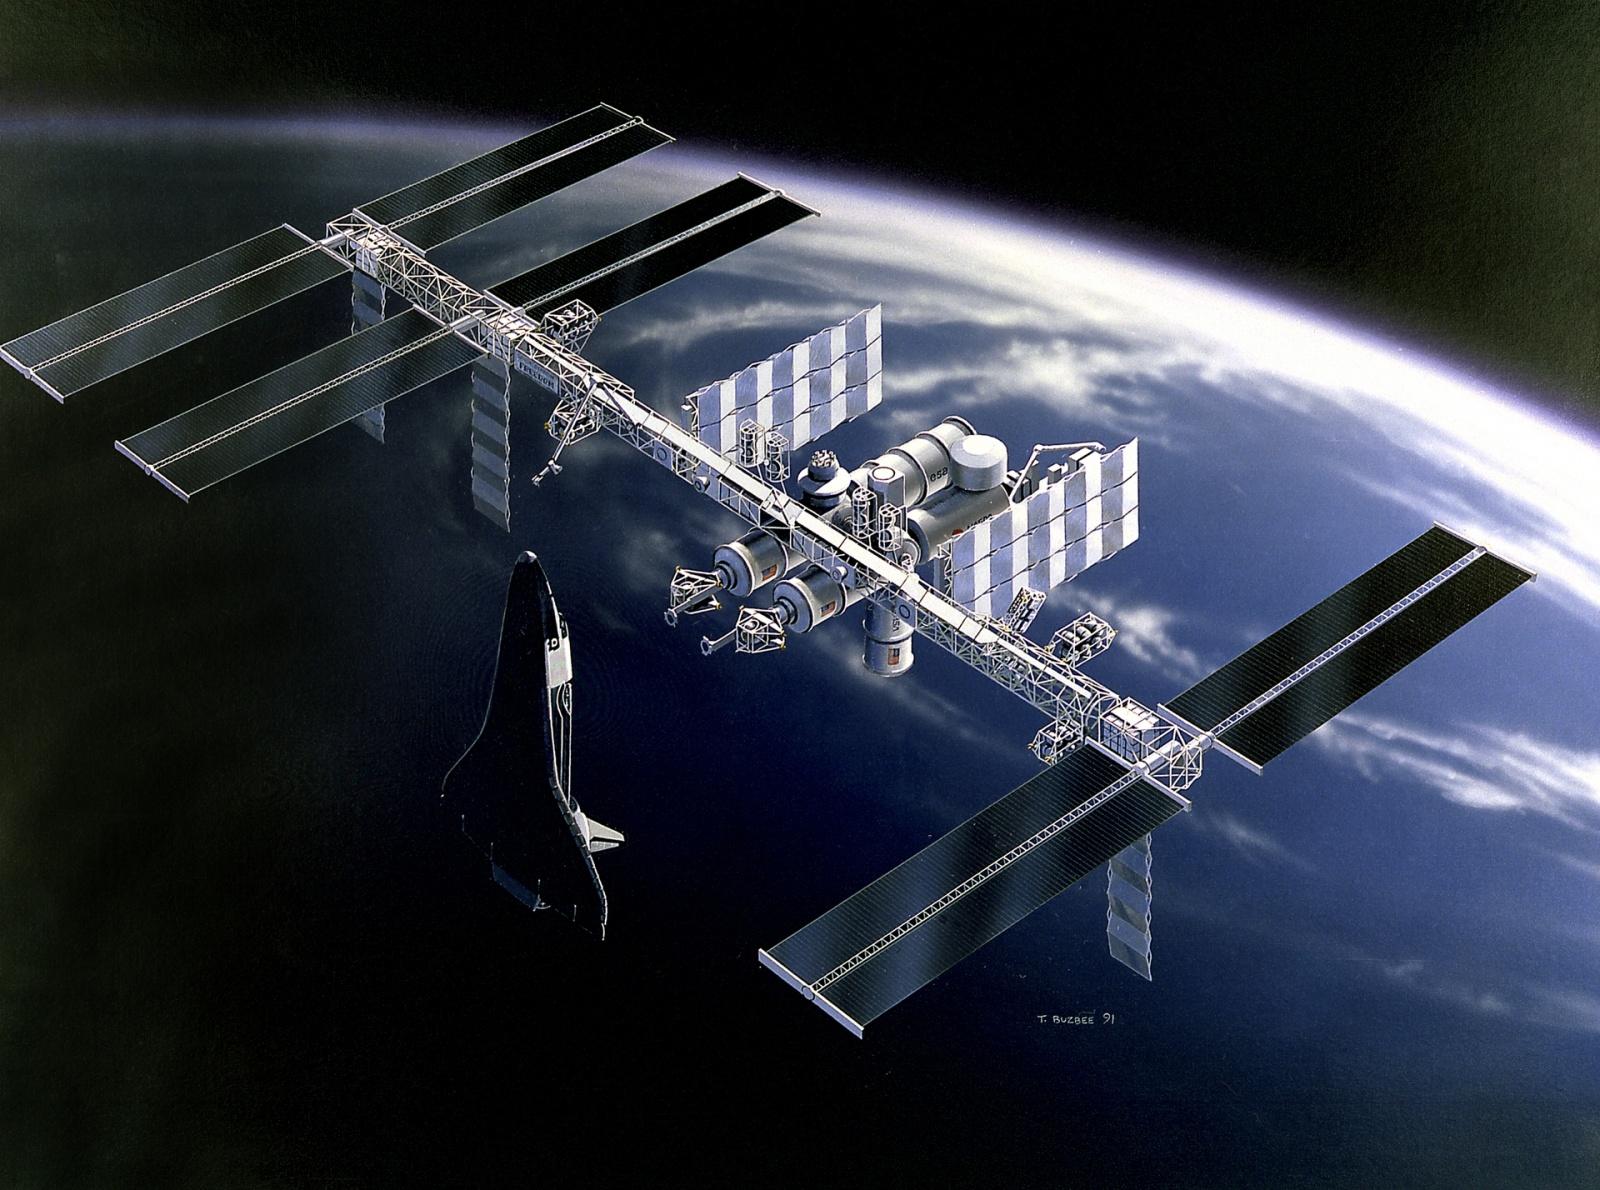 Космические станции следующего десятилетия: Китай - 2